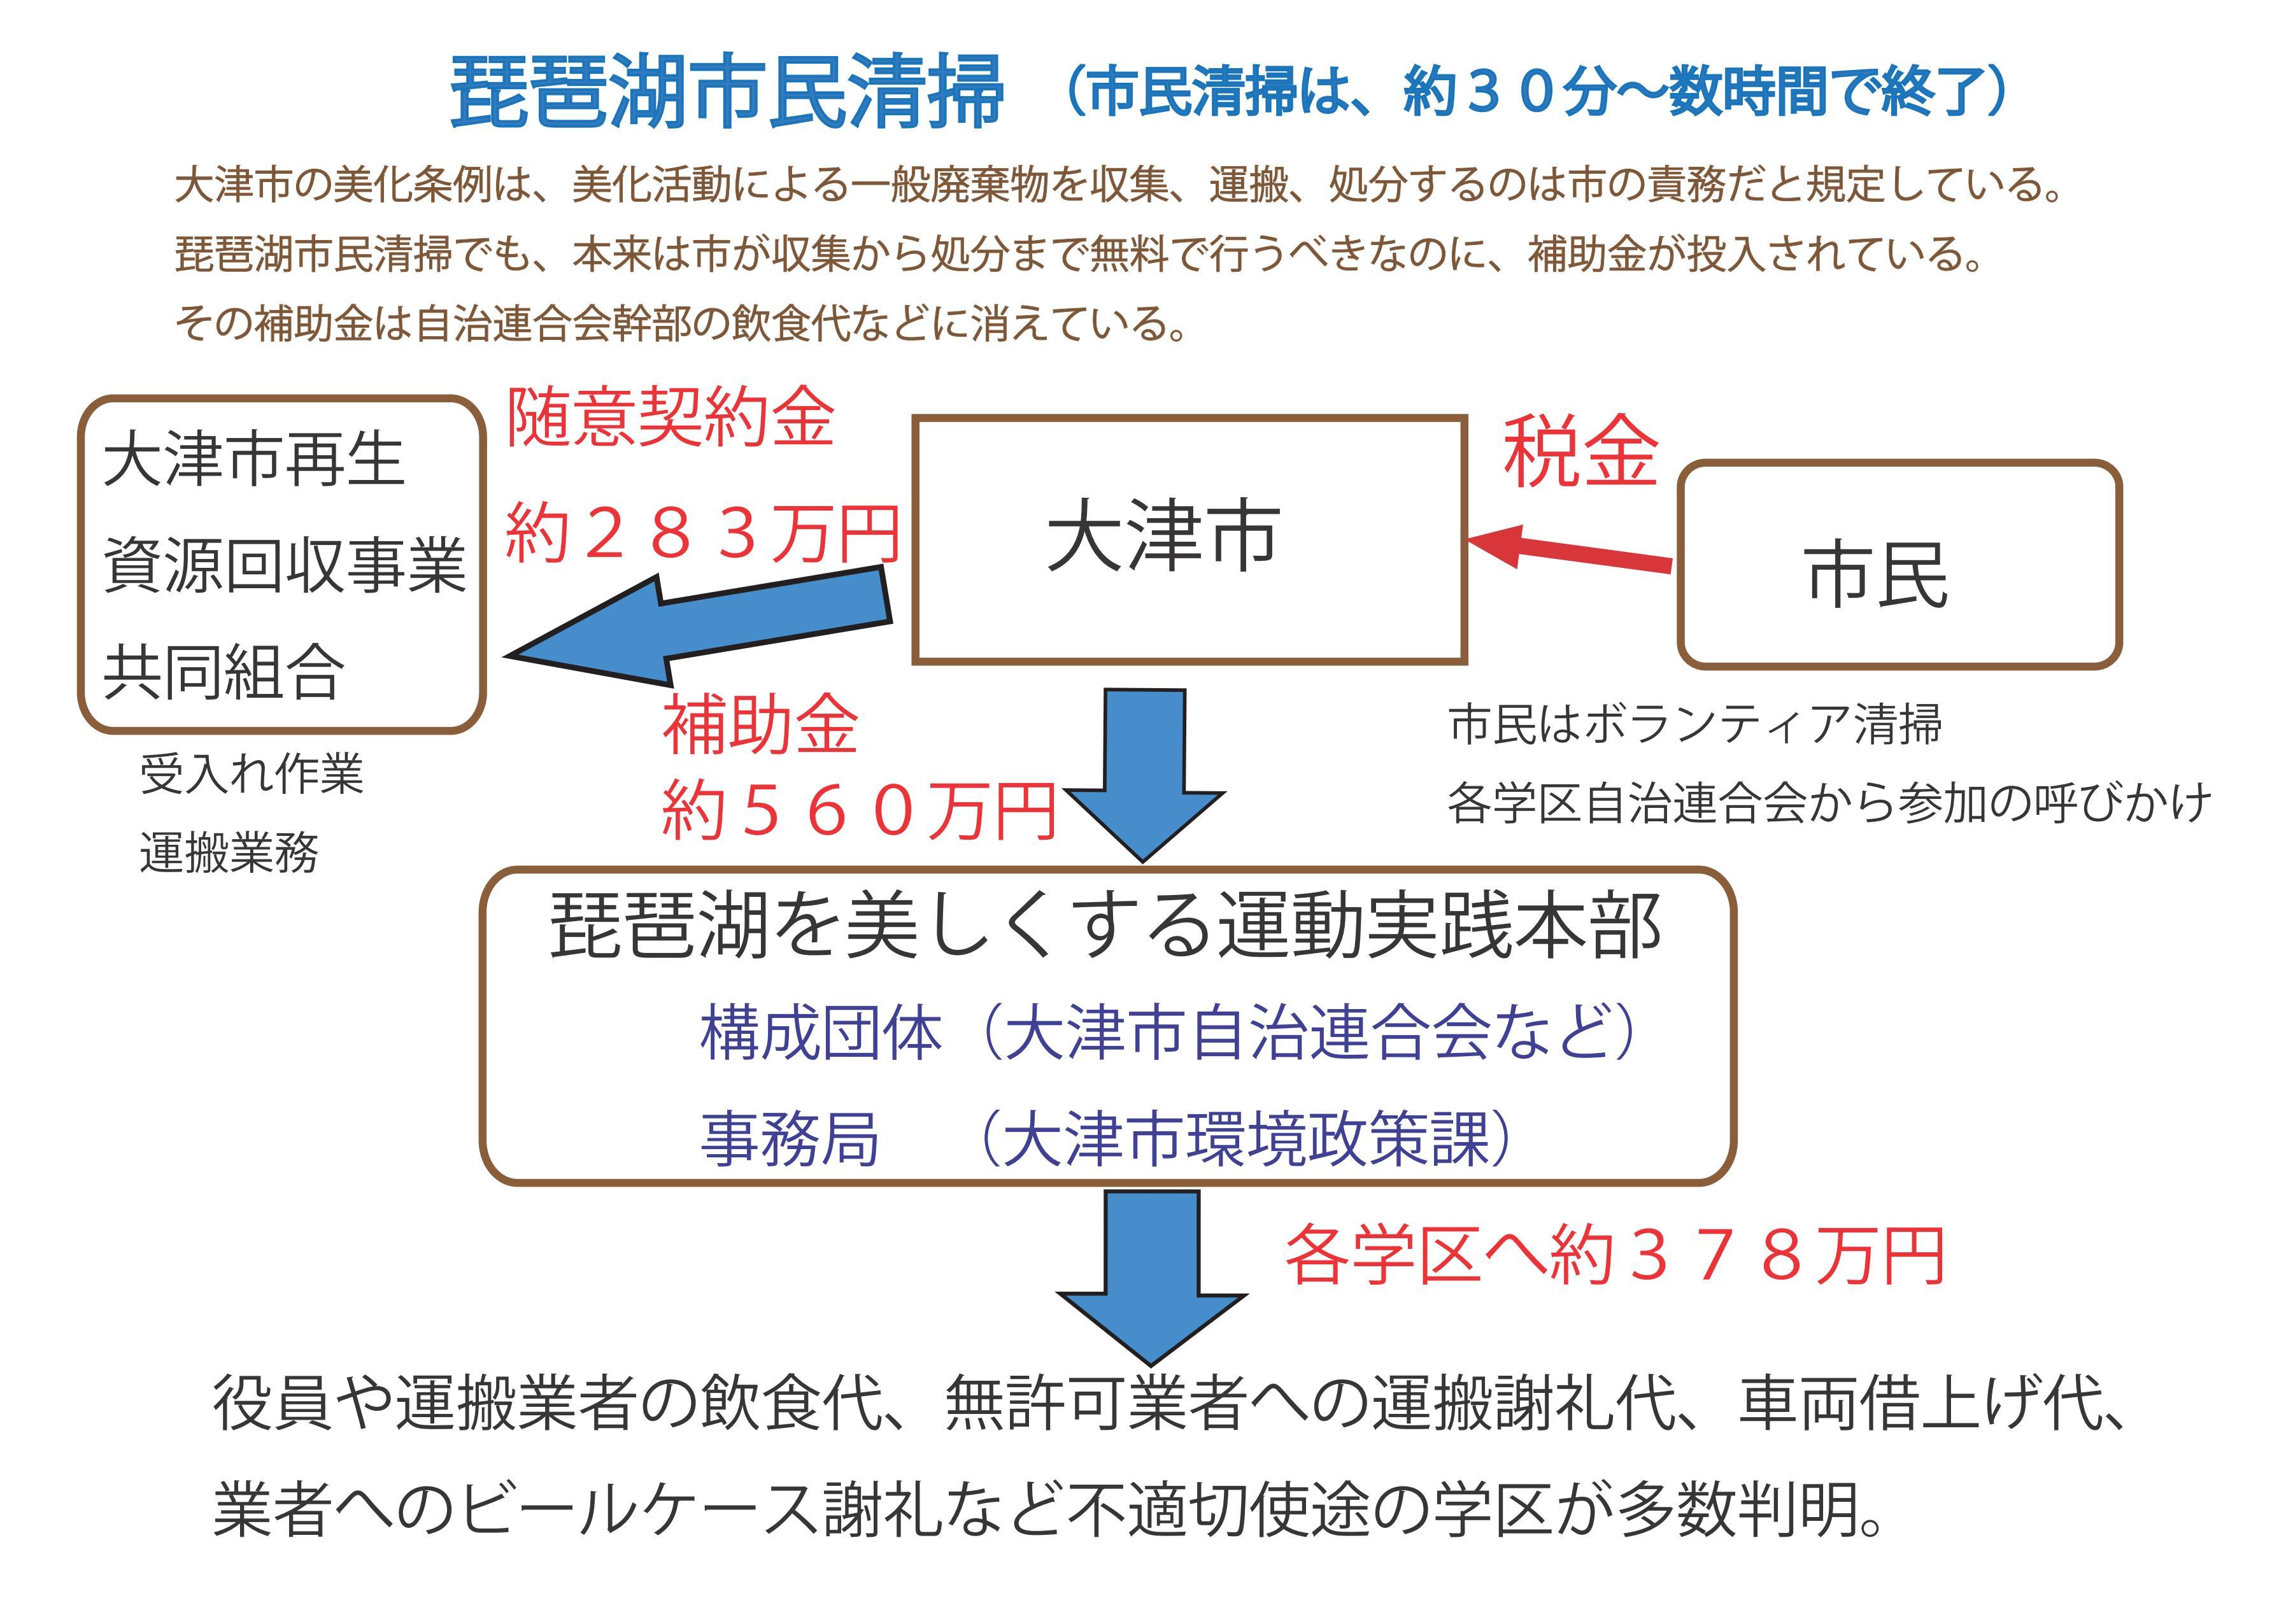 琵琶湖市民清掃/補助金の流れ_03